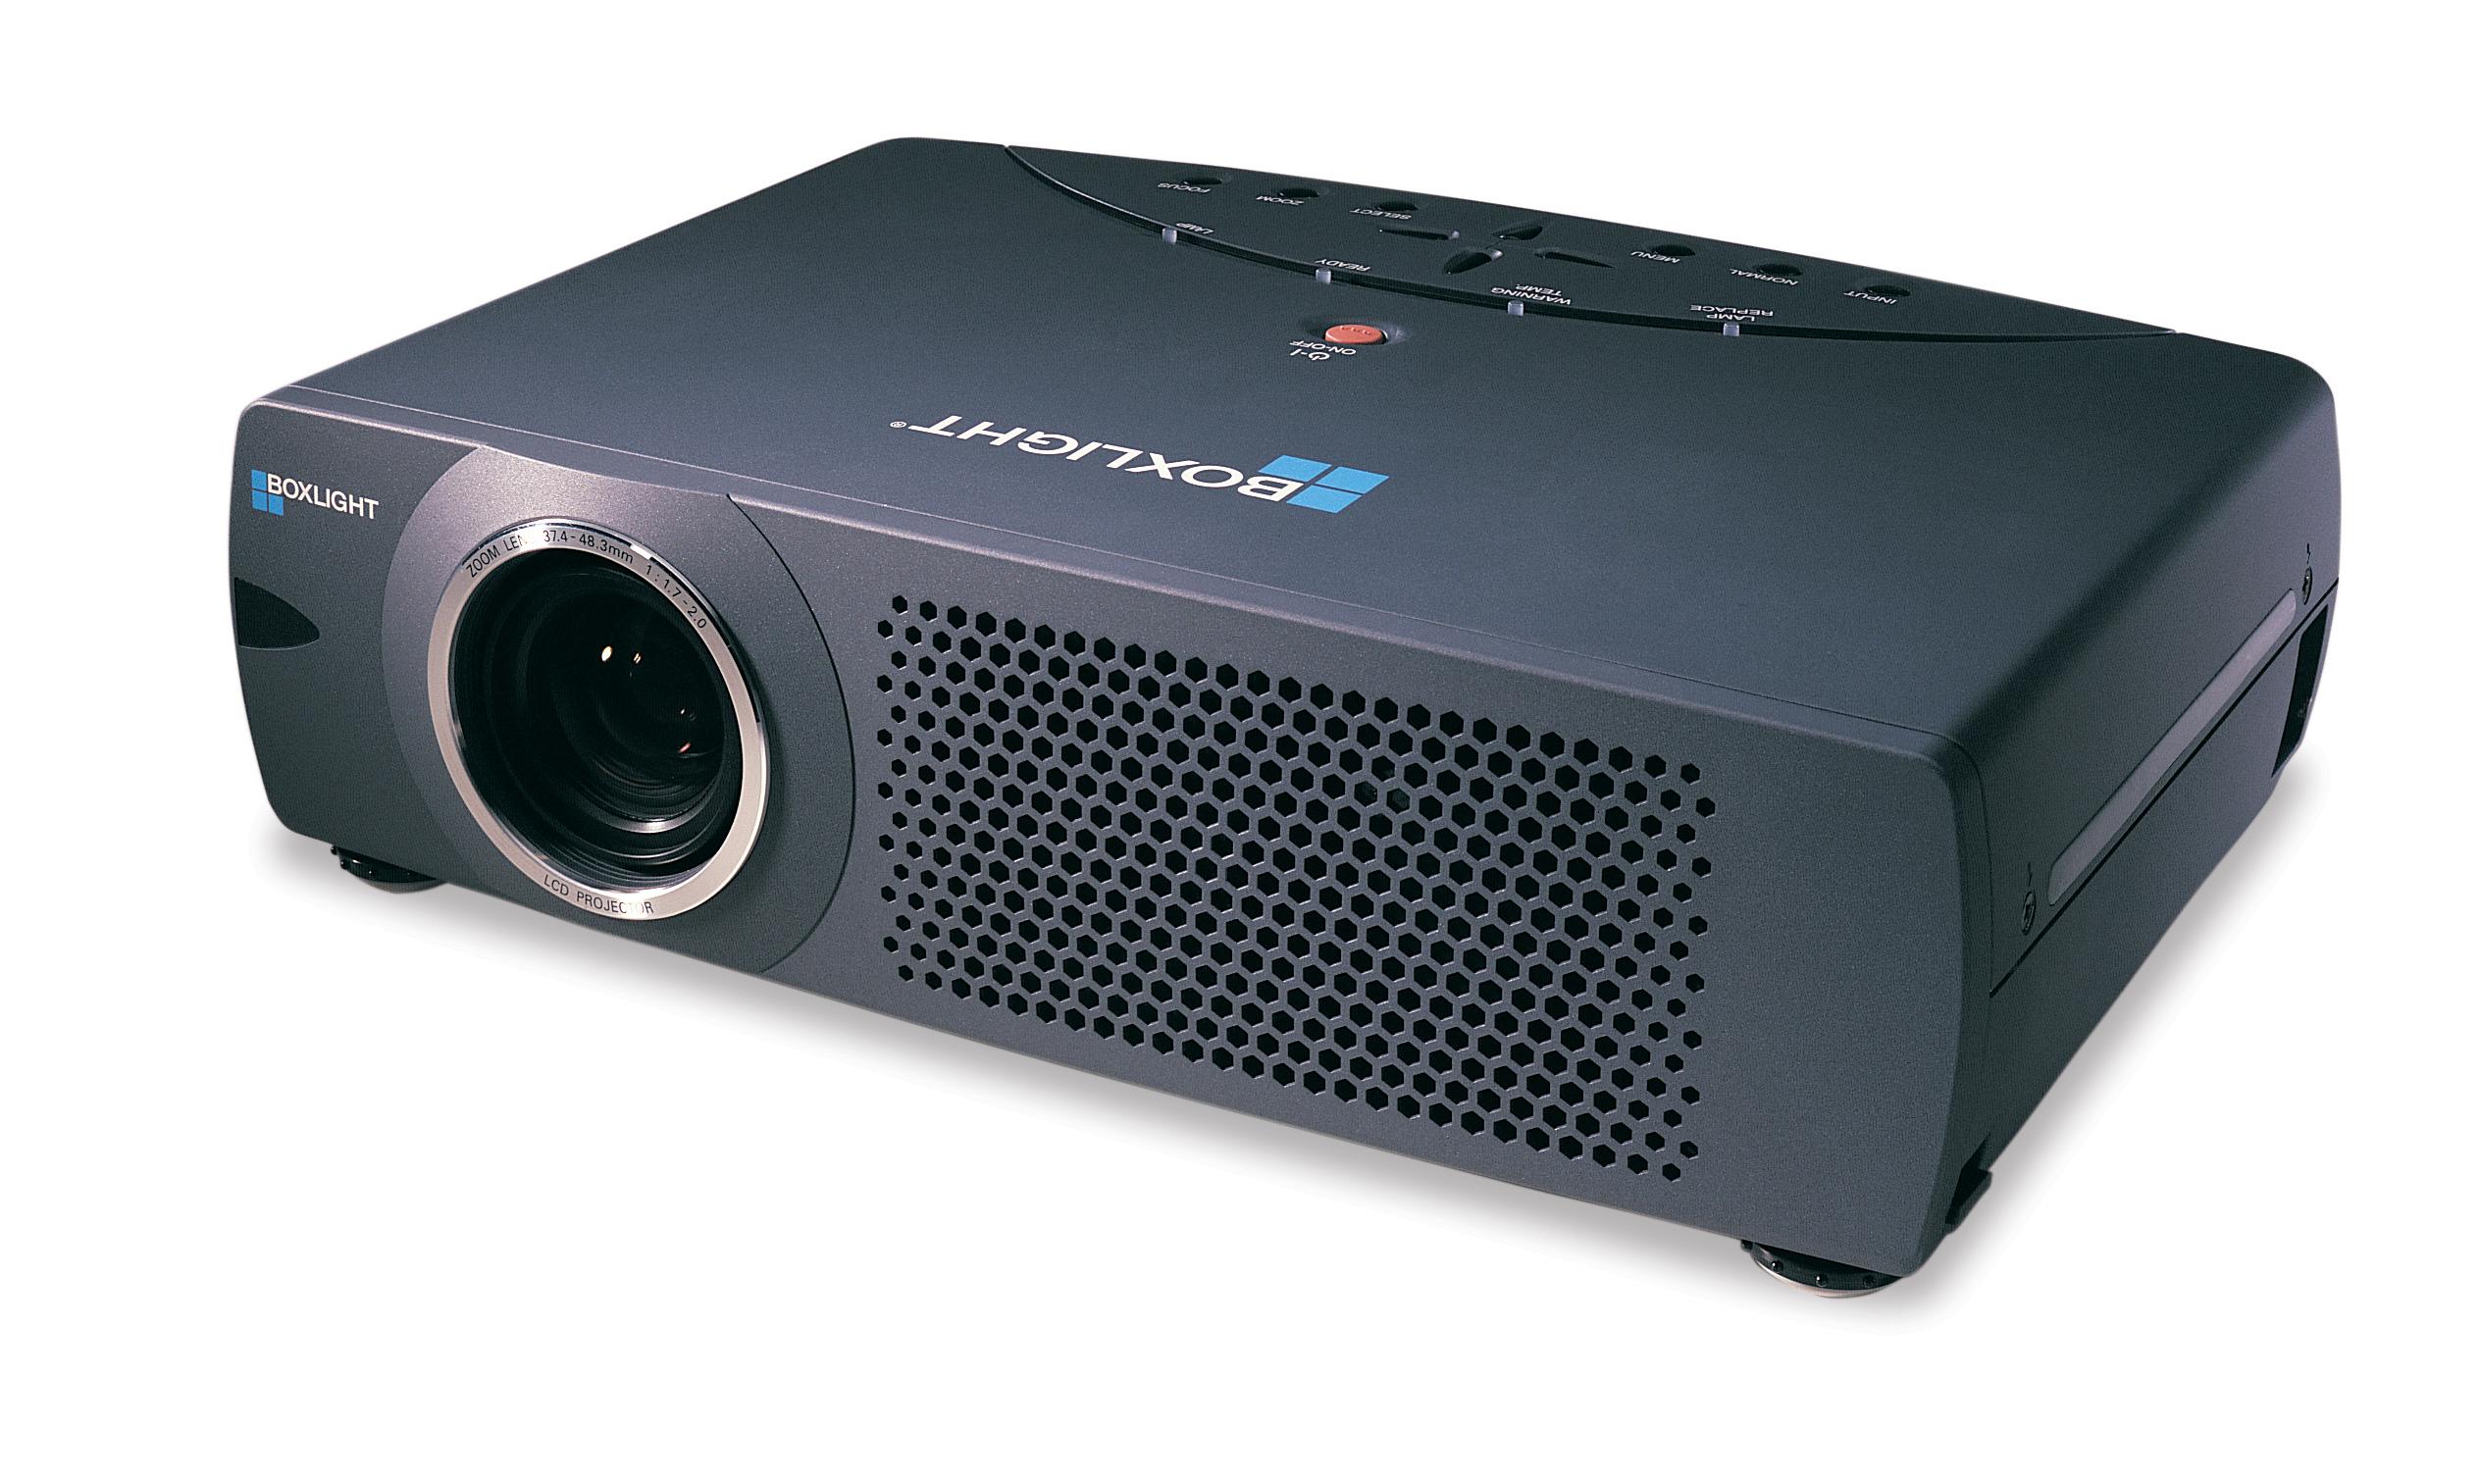 Boxlight Procolor 3080.Boxlight Projektoren Boxlight Cp 310t Xga Lcd Beamer